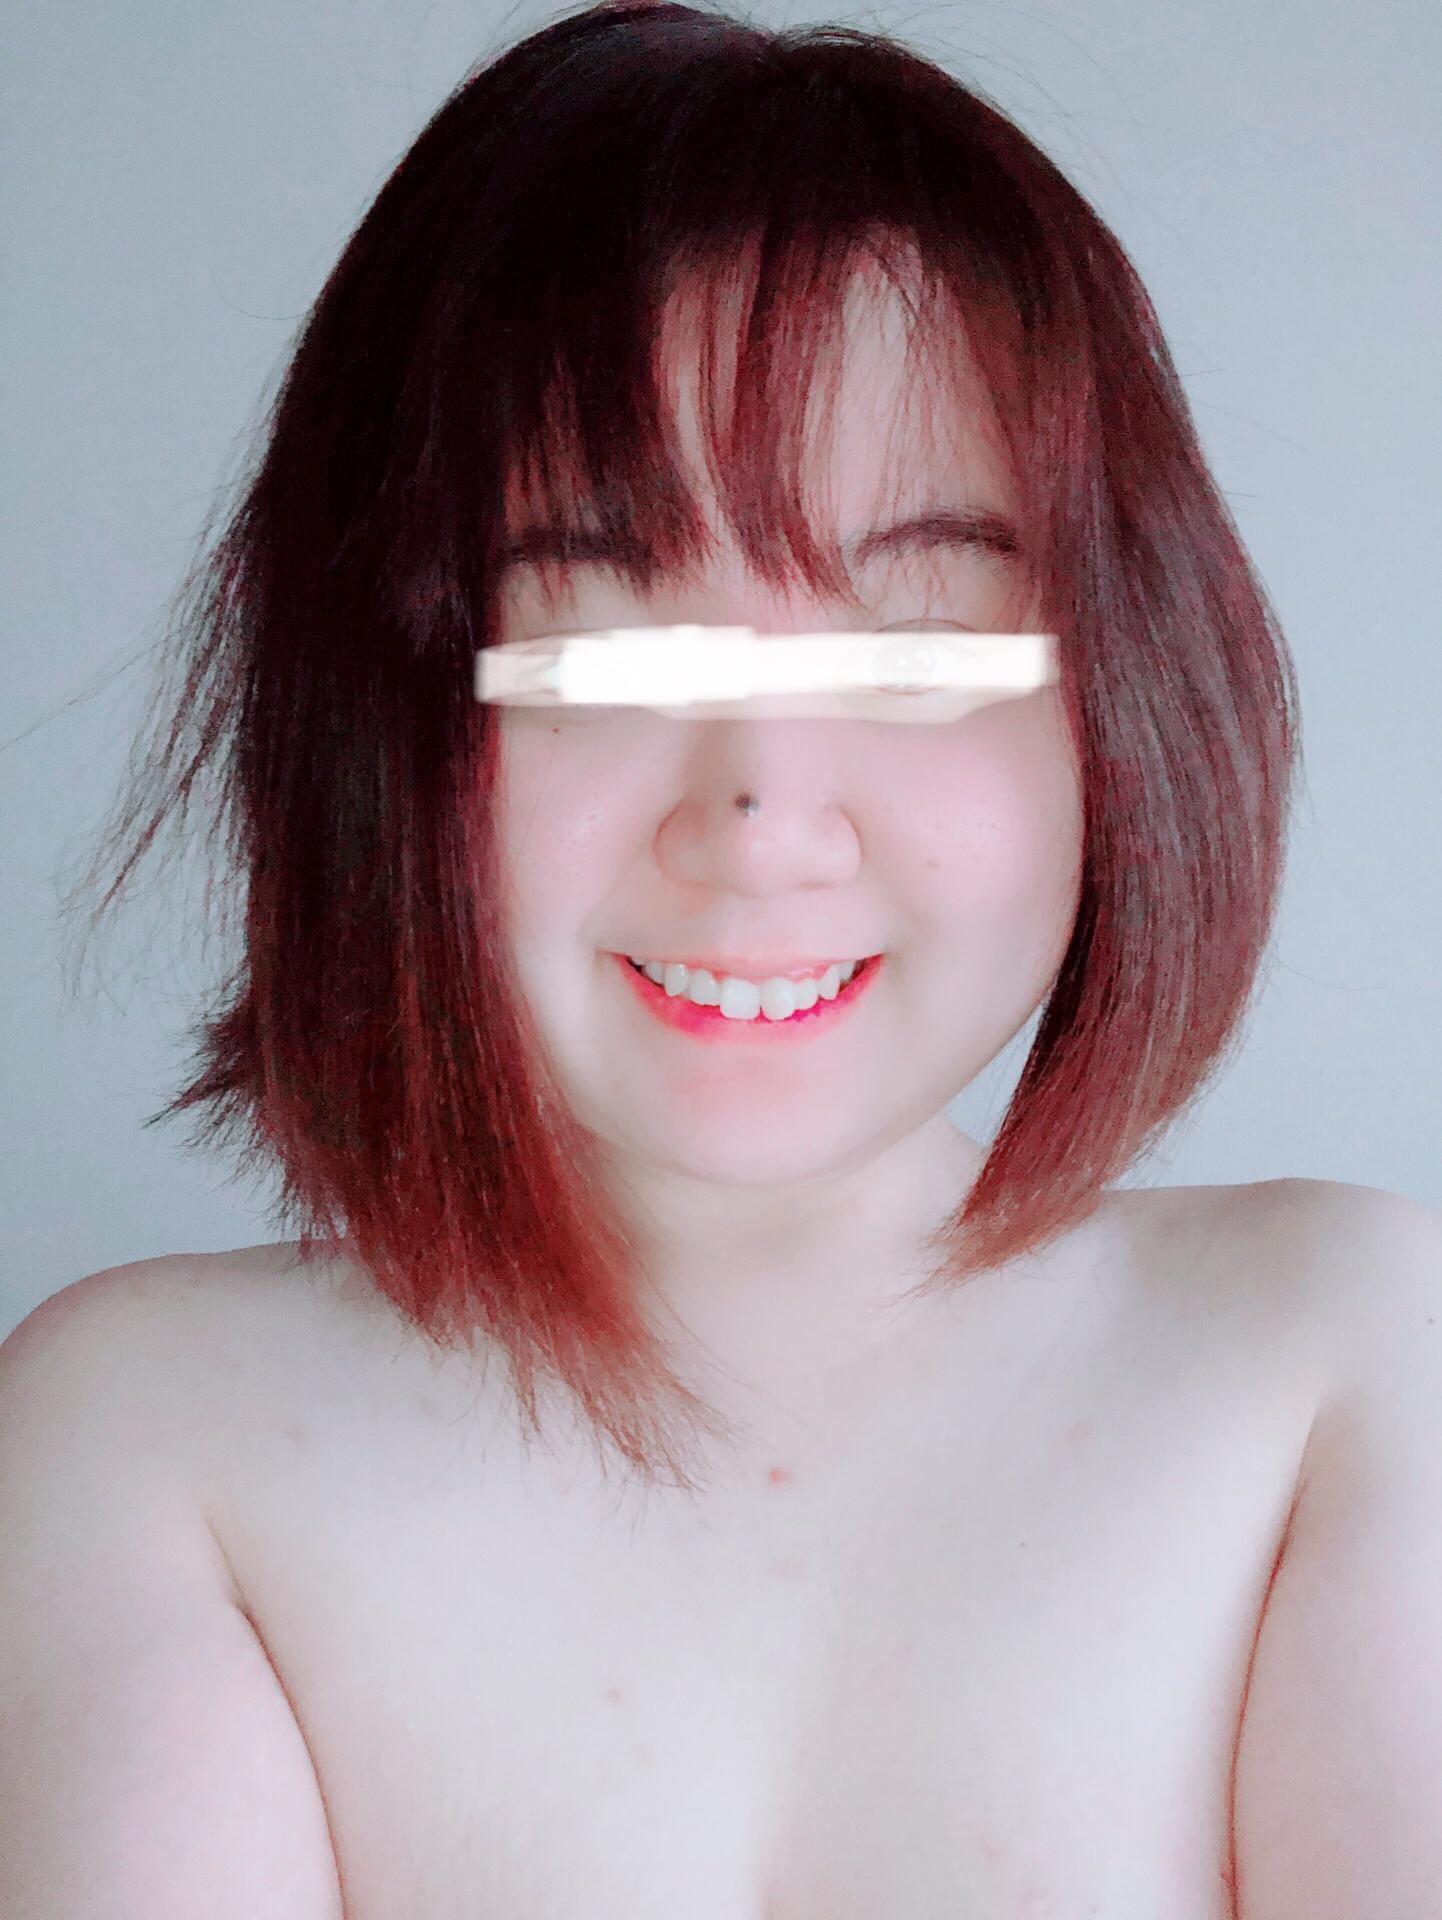 「せいら、髪切ったよー」03/18(月) 17:37 | せいらの写メ・風俗動画